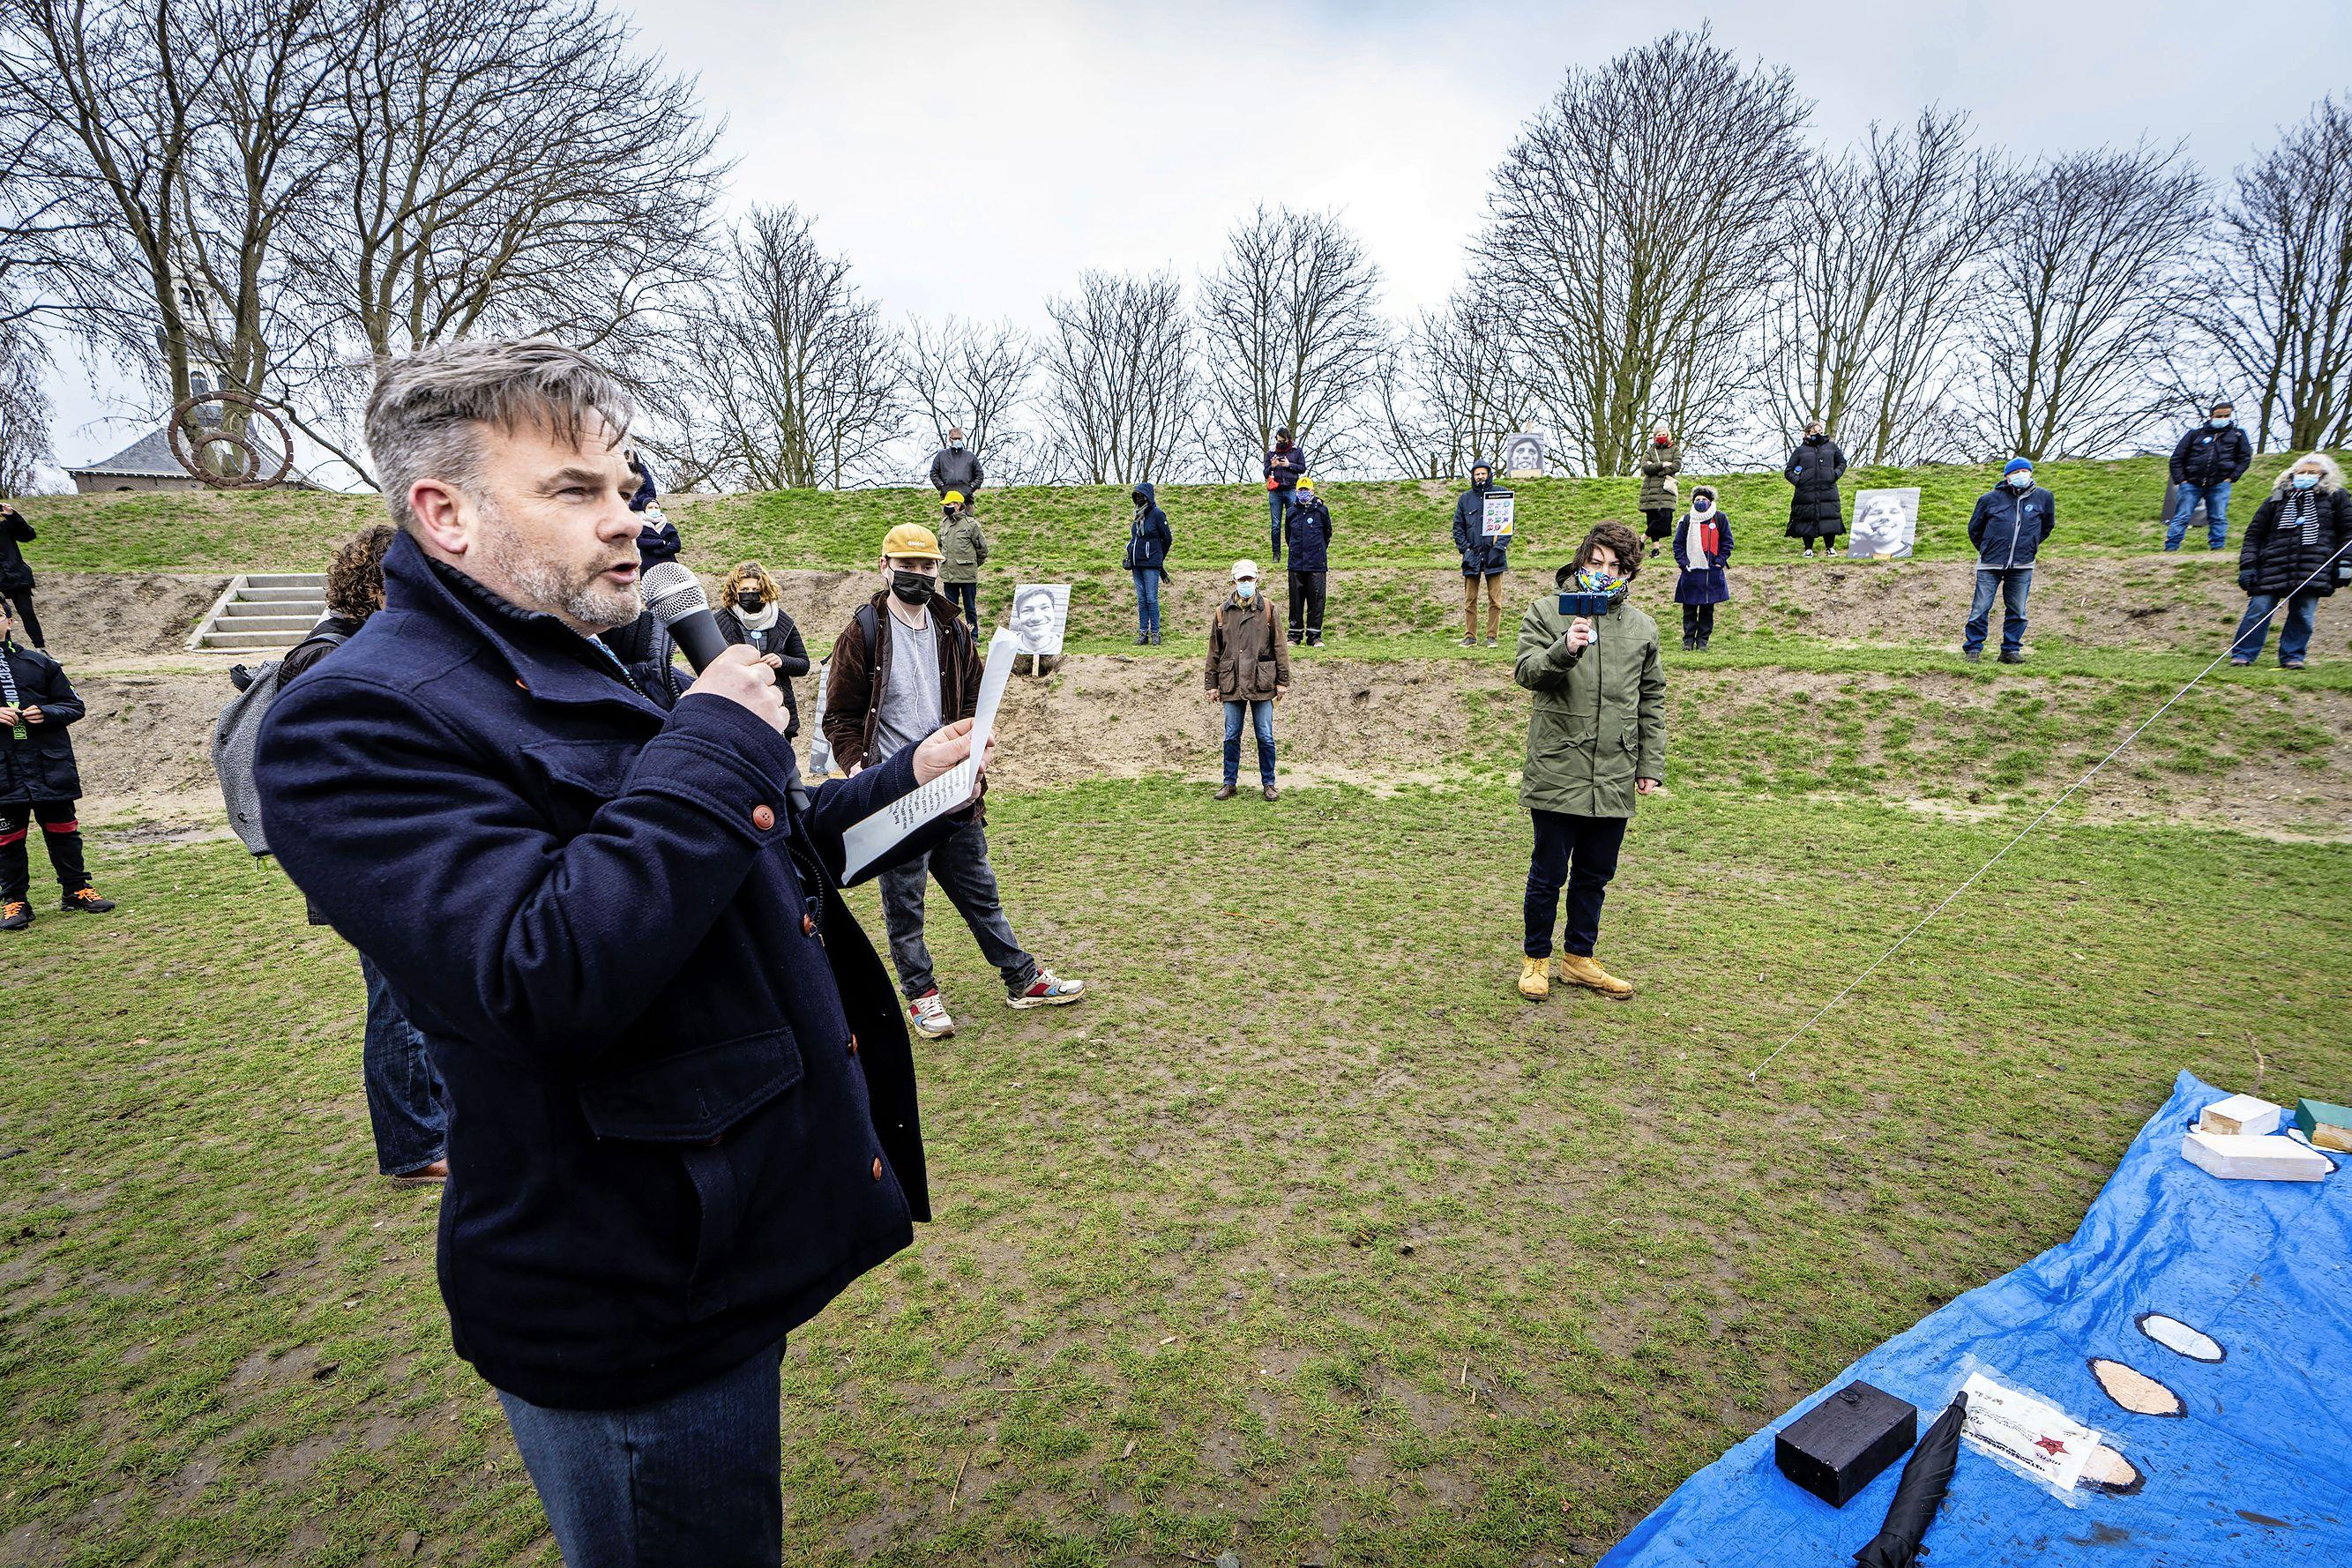 Manifestatie 'lopend vuur' in Ankerpark Leiden: 'Ik hoop dat het bewustwording creëert'